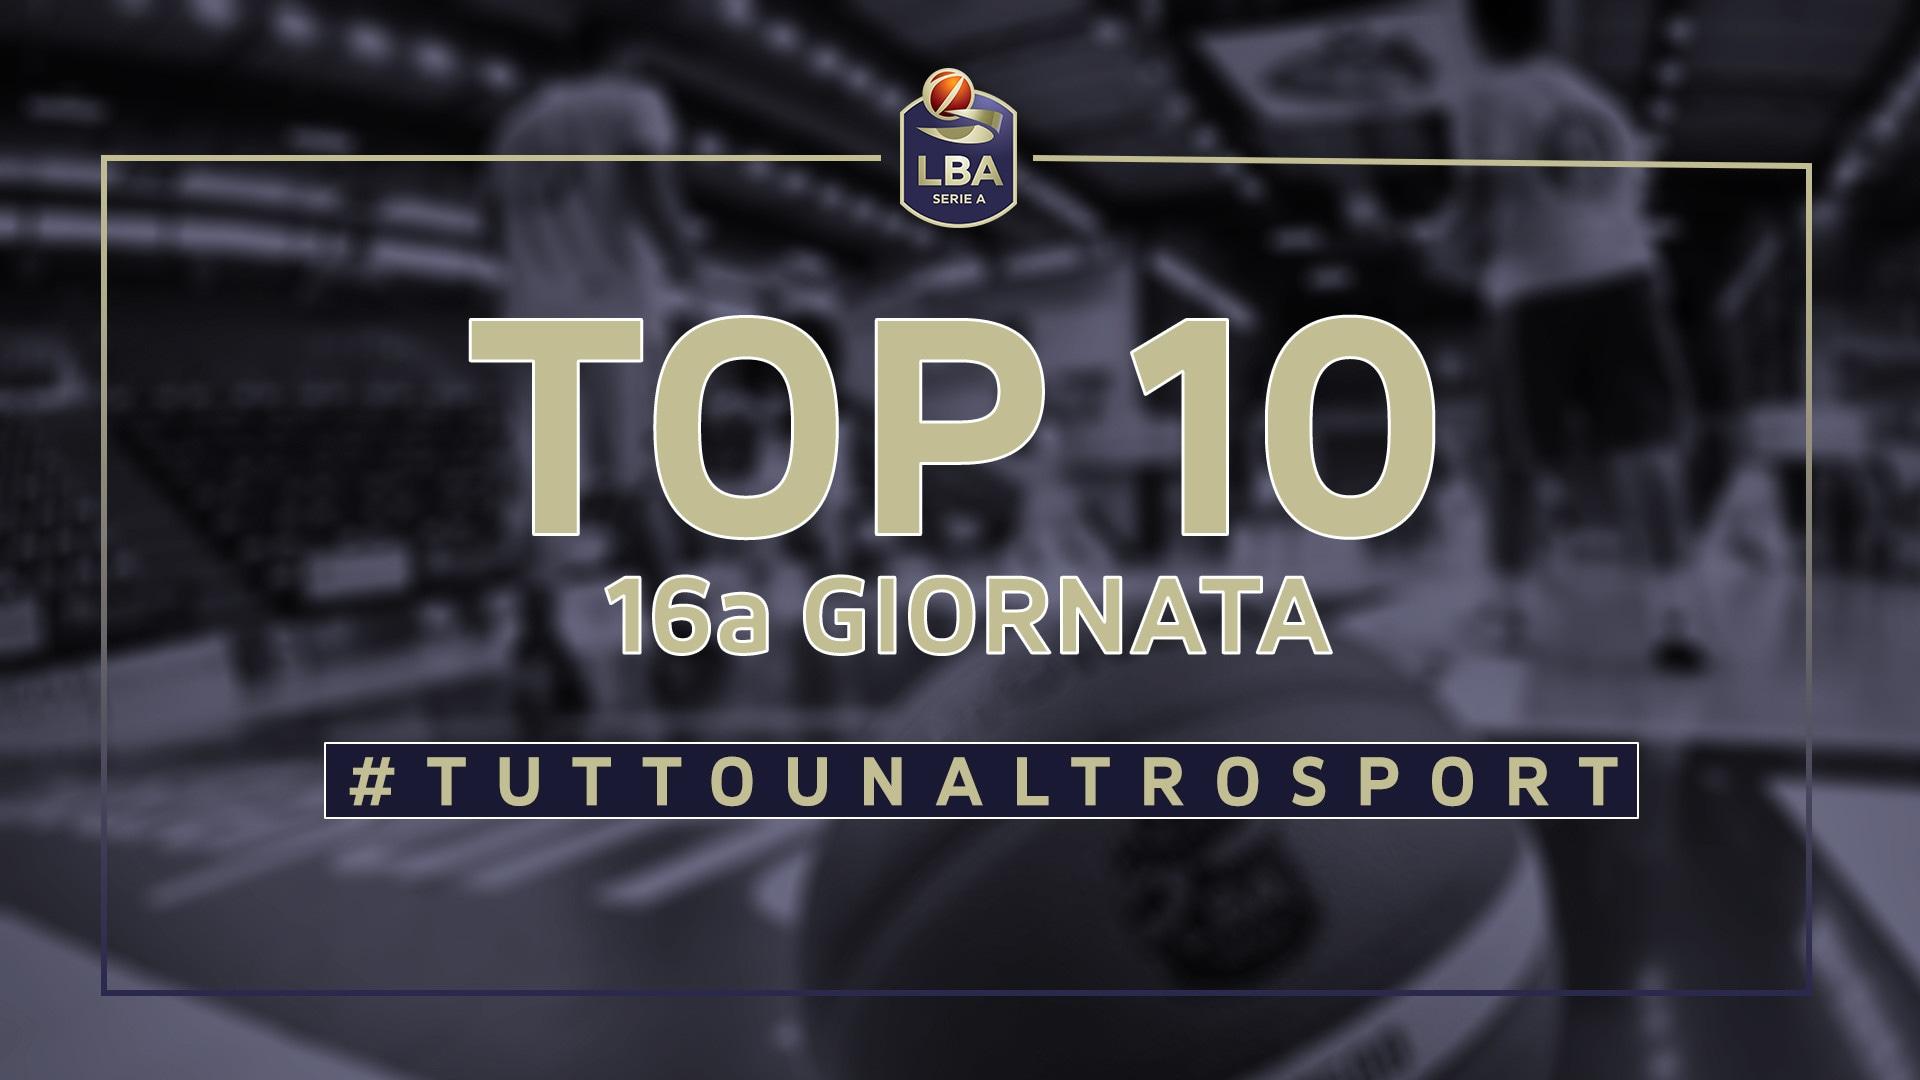 La Top Ten della 16a giornata del campionato LBA